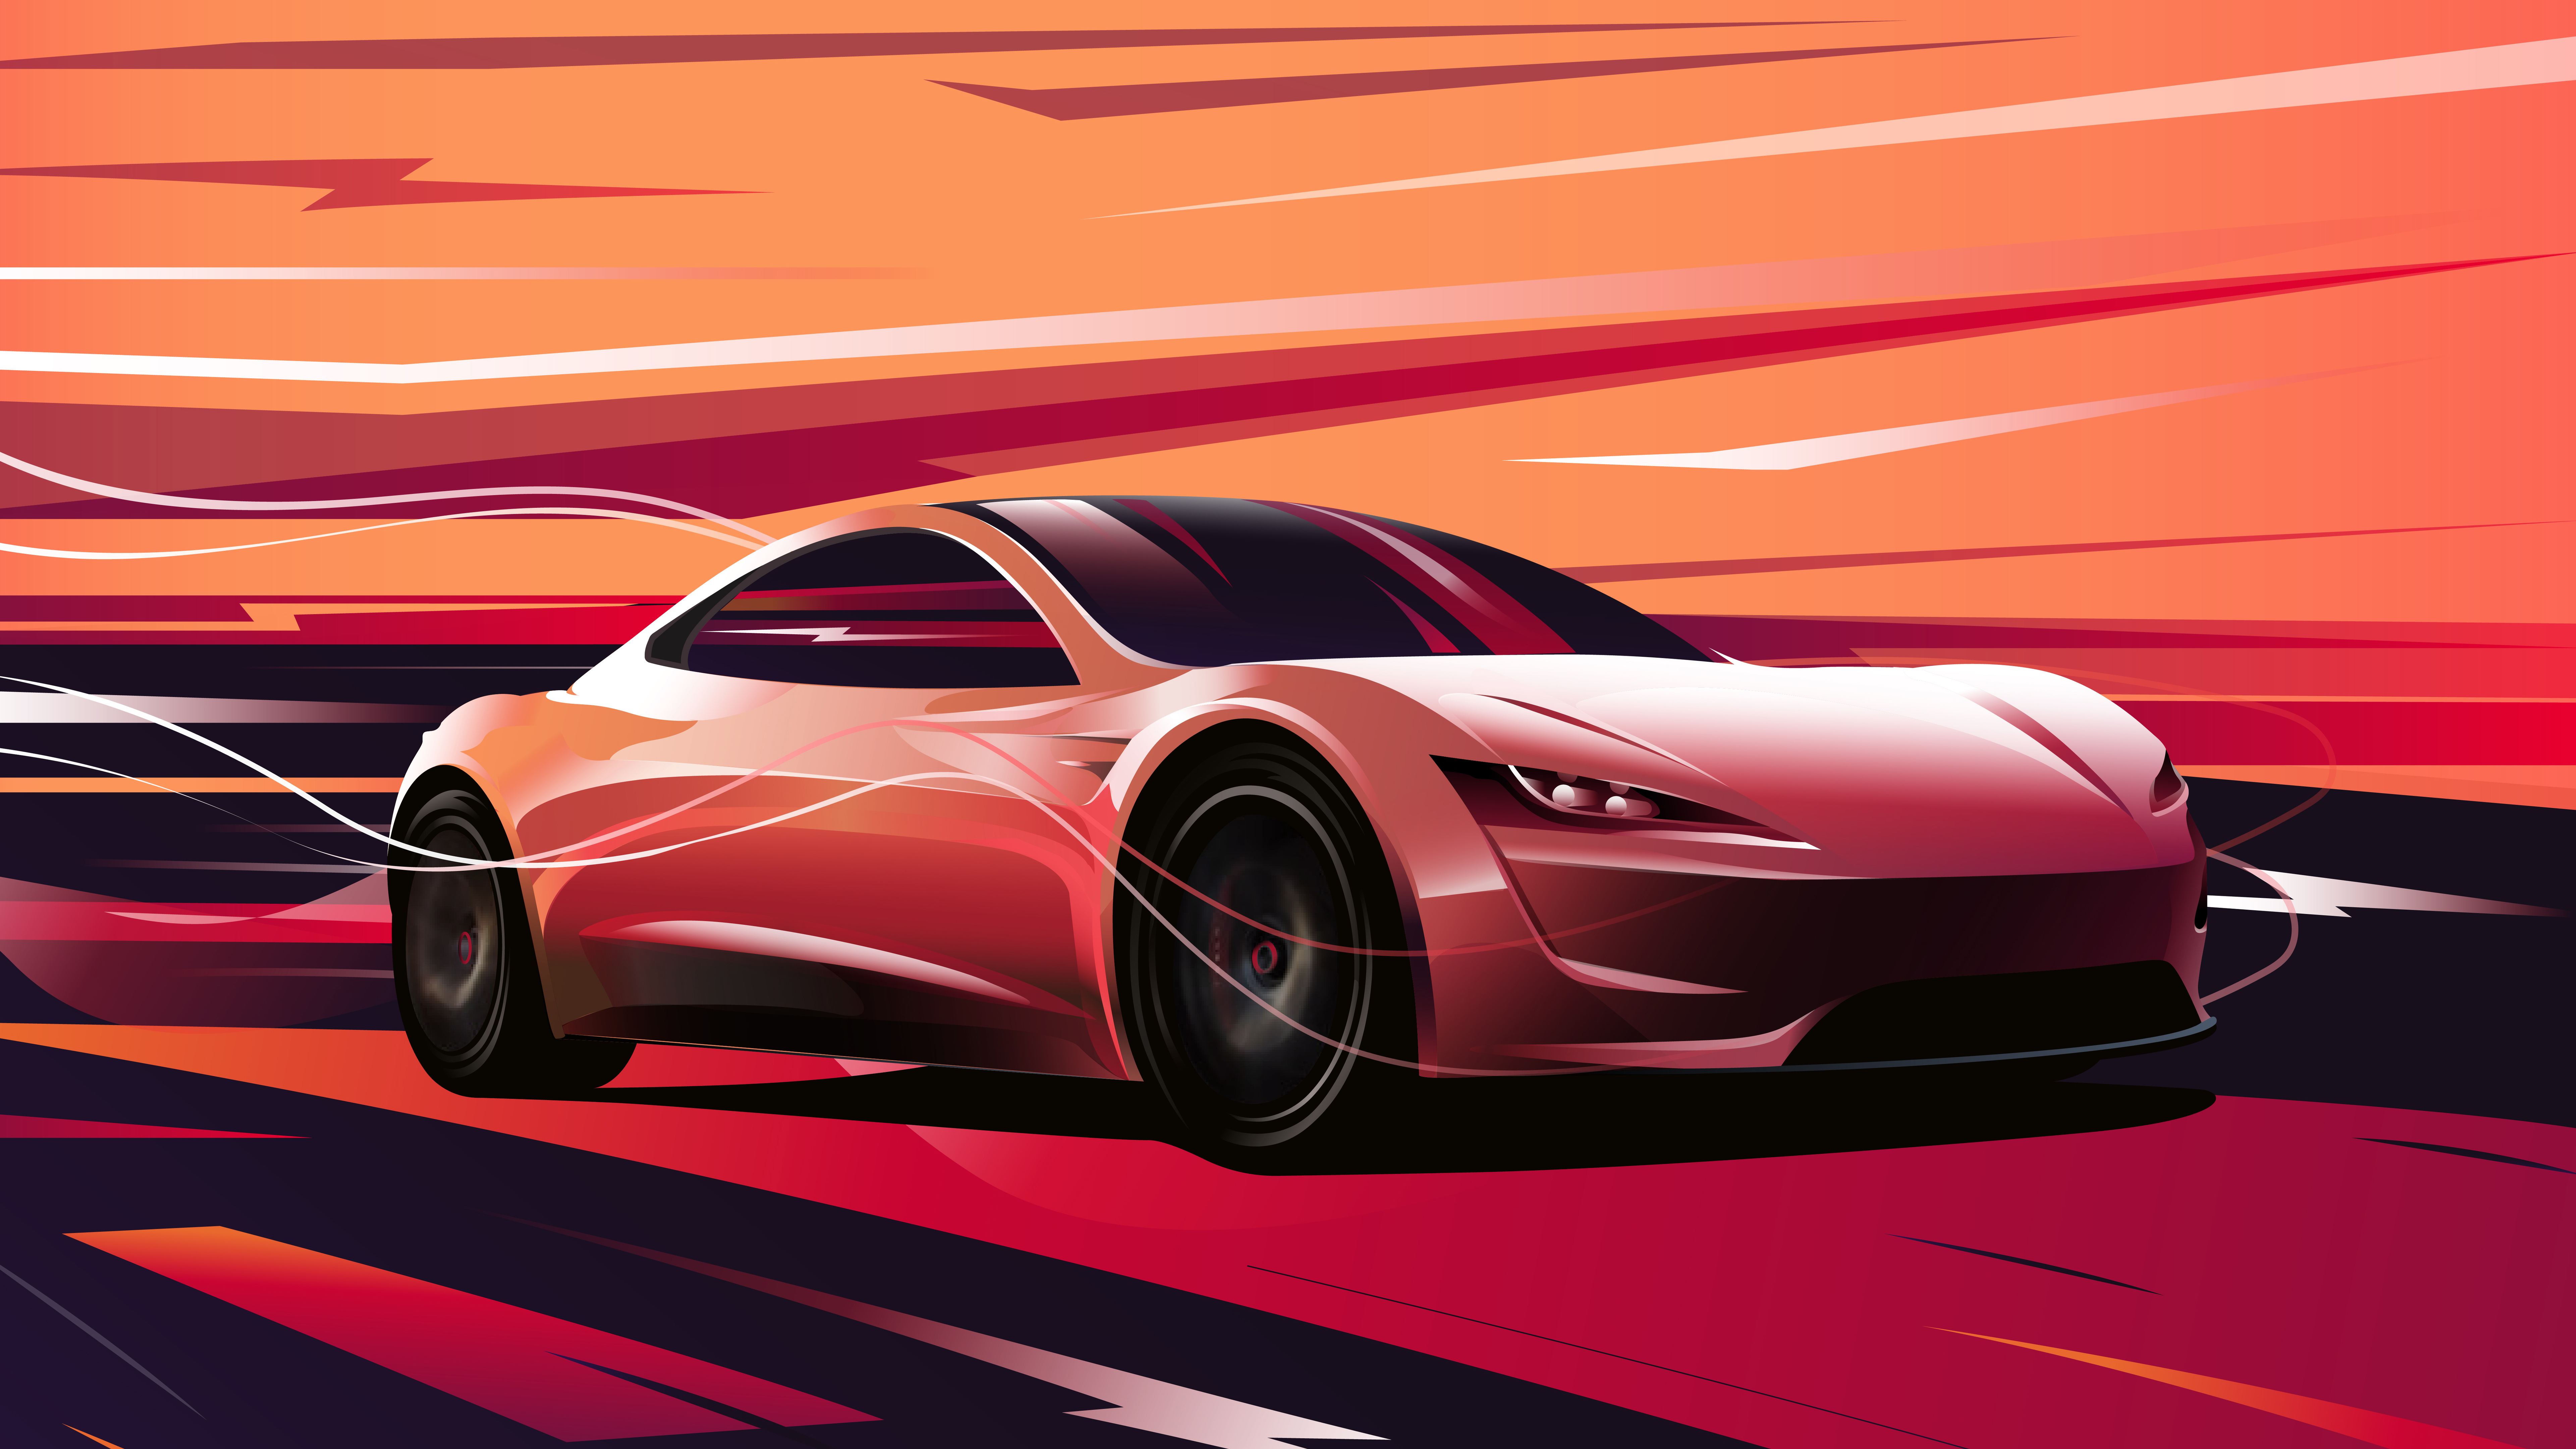 7680x4320 Tesla Roadster Digital Art 8k 8k Hd 4k Wallpapers